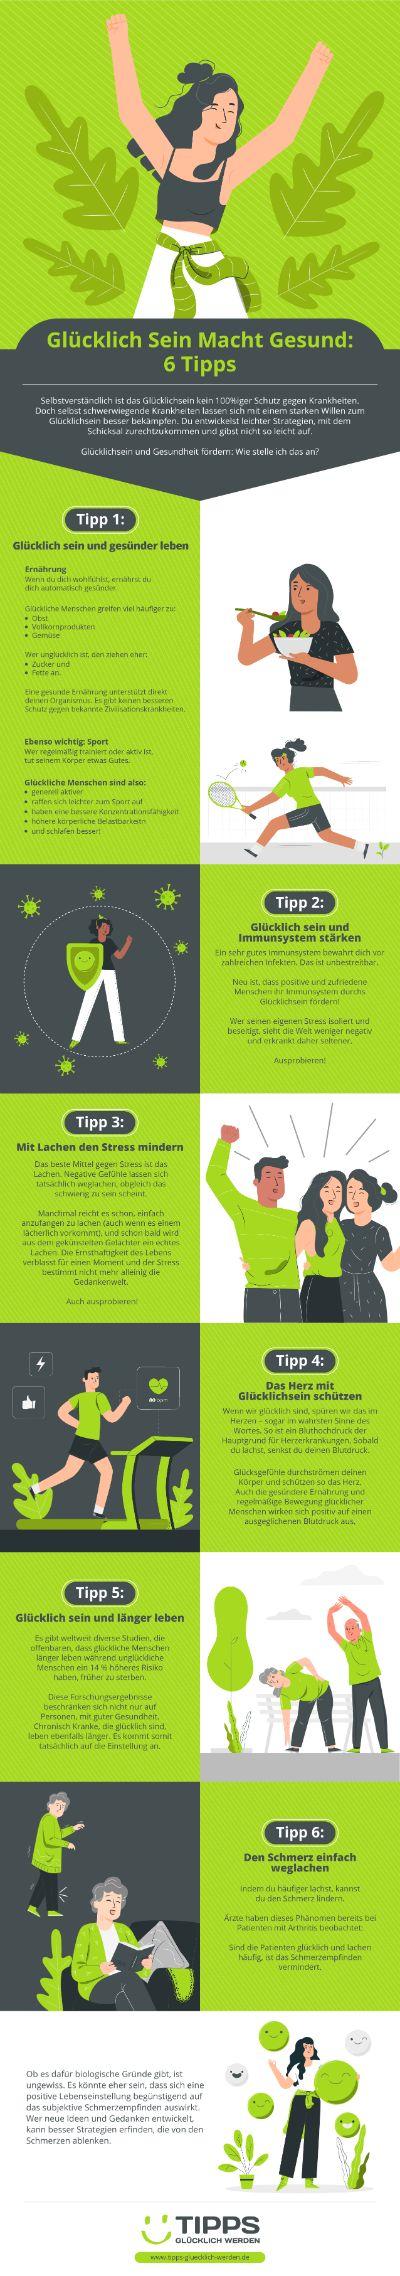 Infografik Glücklich Sein Macht Gesund: 6 Tipps